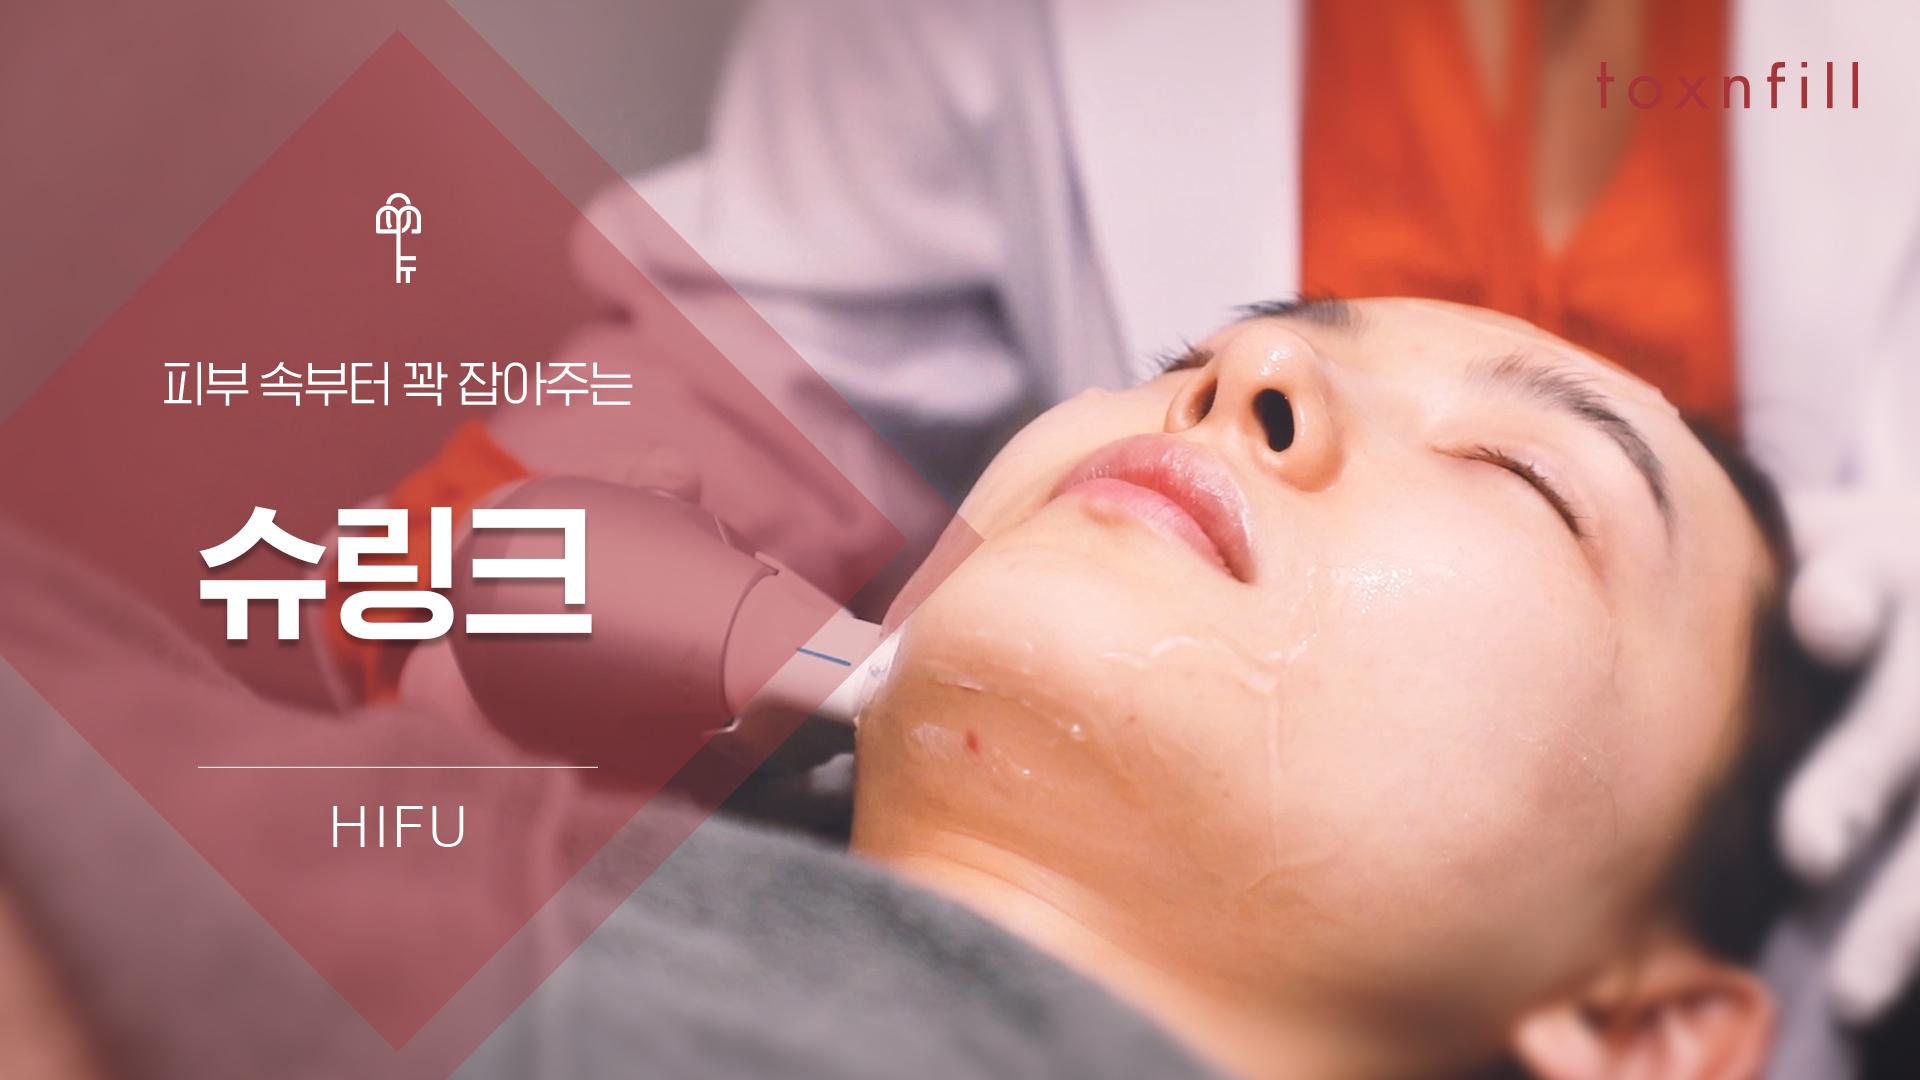 [EVENT] 초음파분석 슈링크